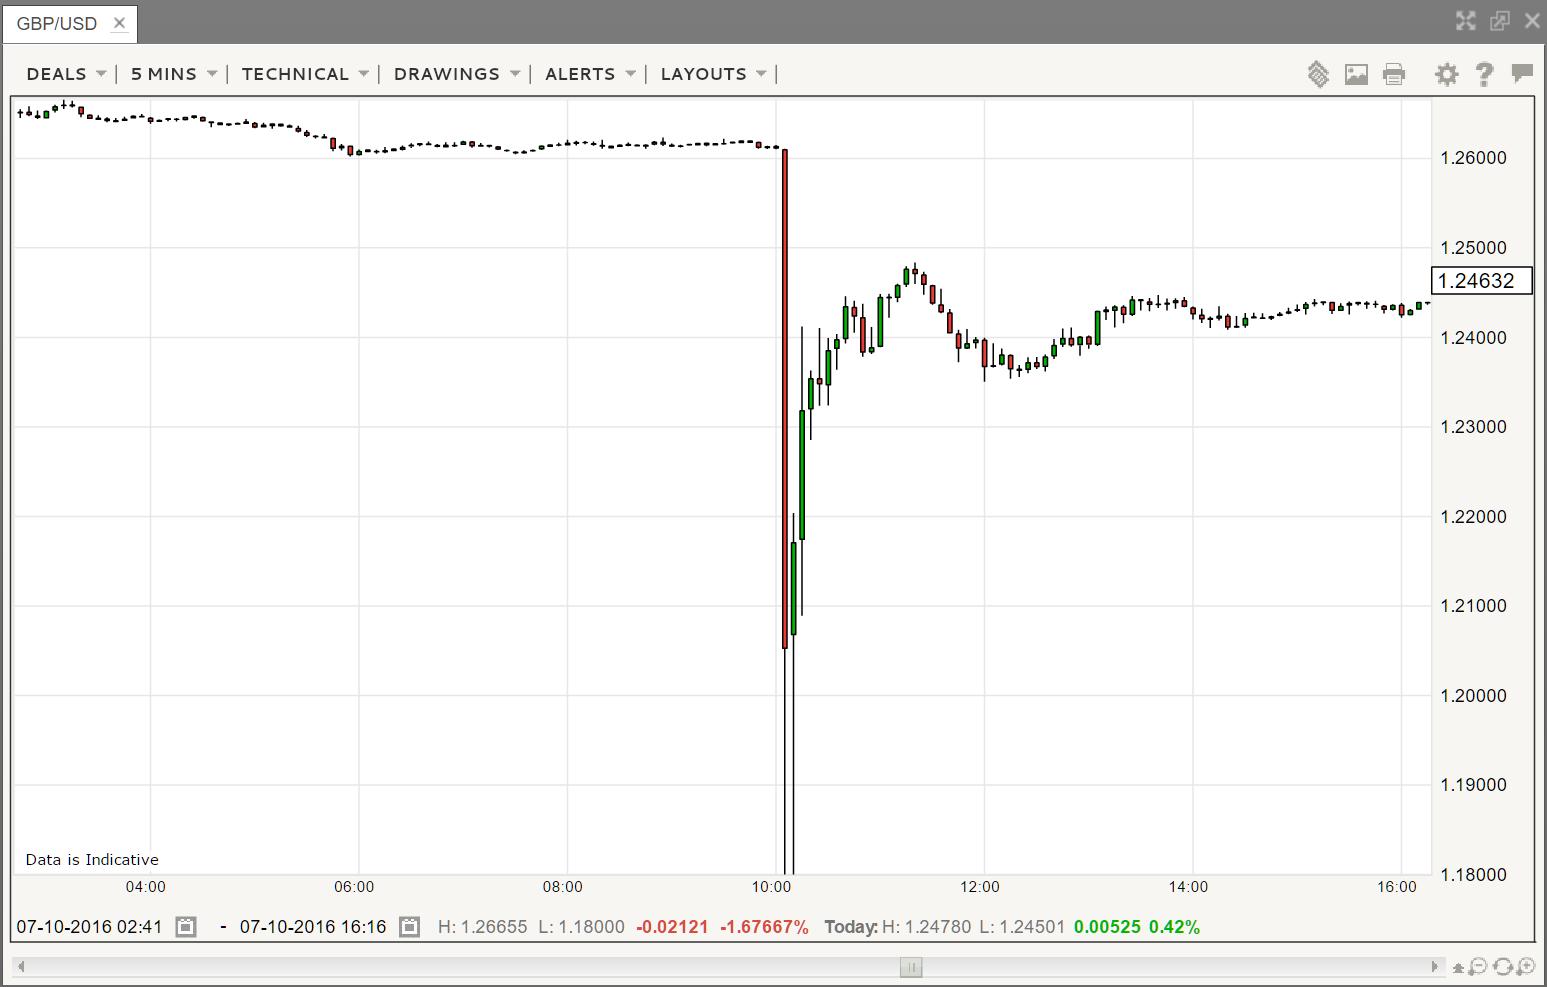 GBP_USD 5 Min